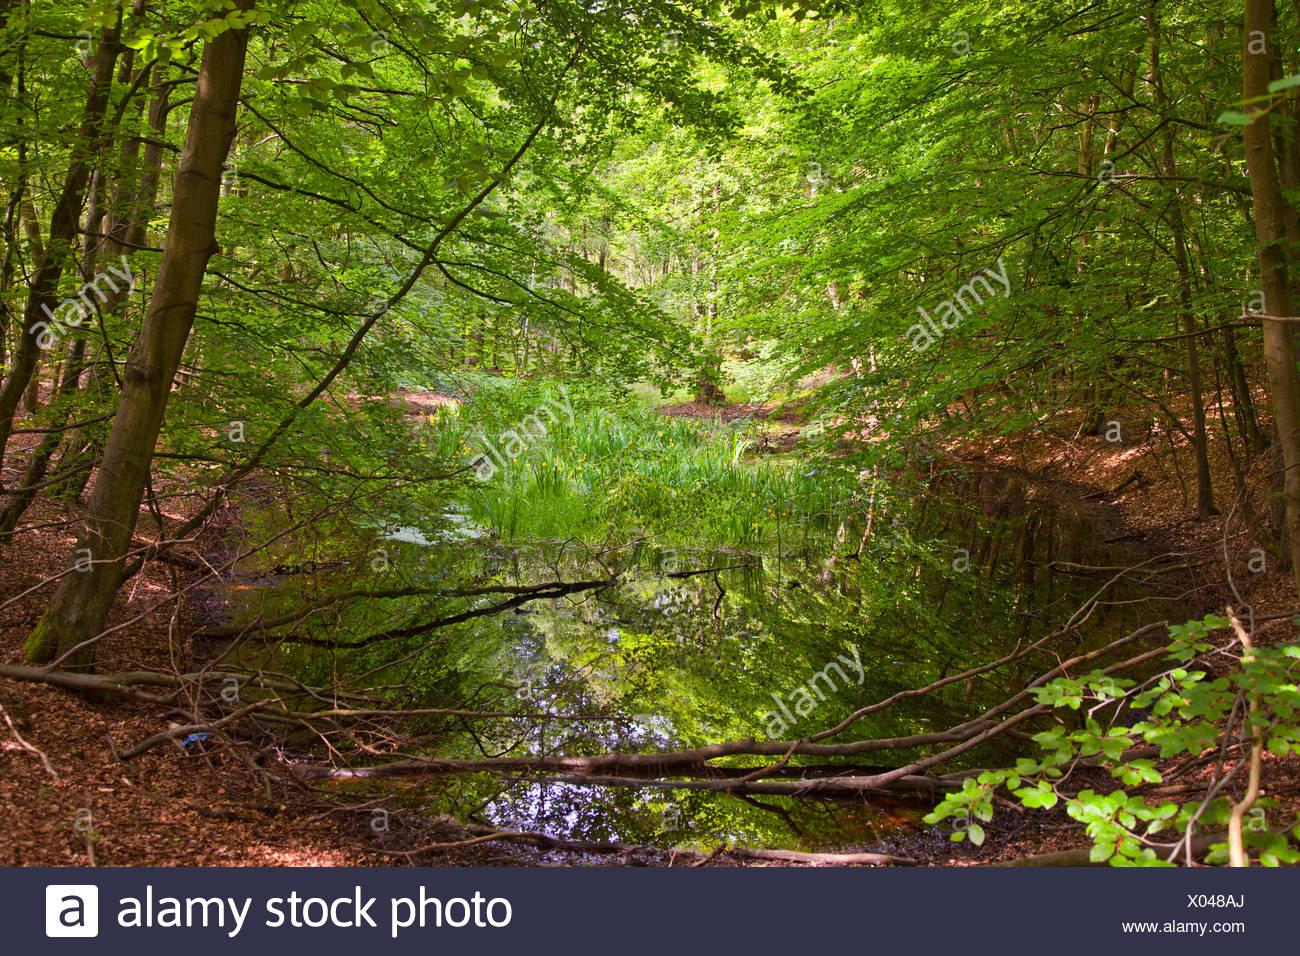 Étang dans une forêt marécageuse, Allemagne, Mecklembourg-Poméranie-Occidentale Banque D'Images